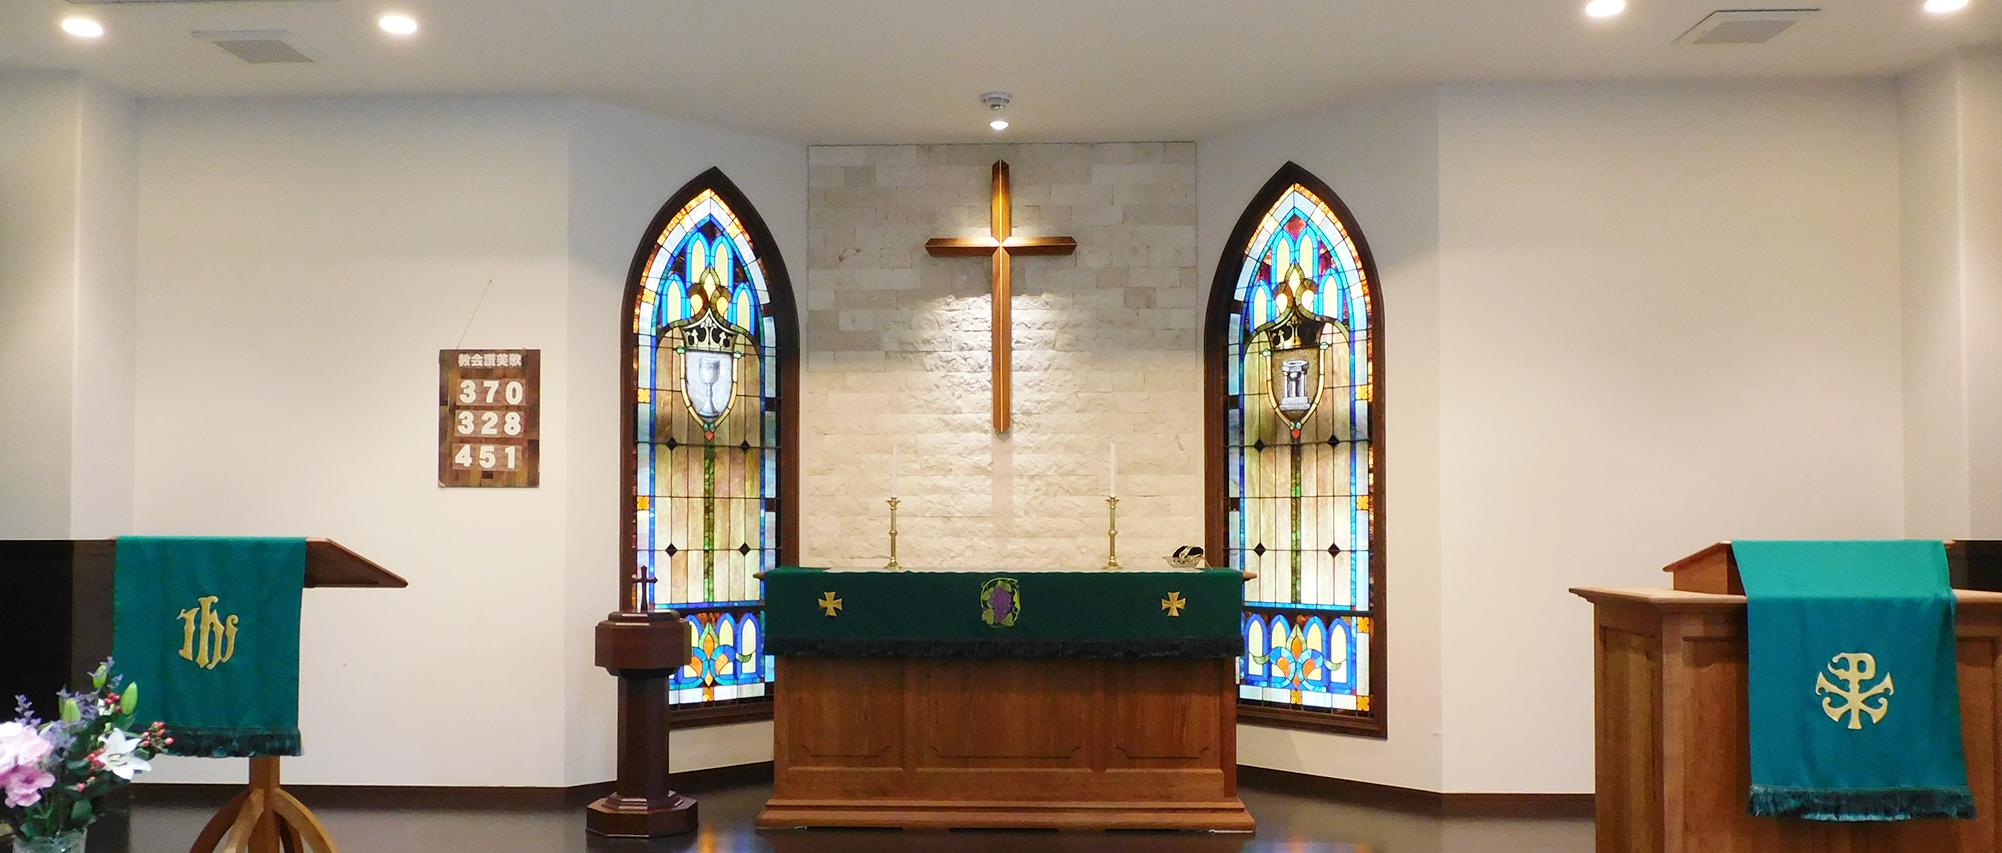 日本福音ルーテル小岩教会